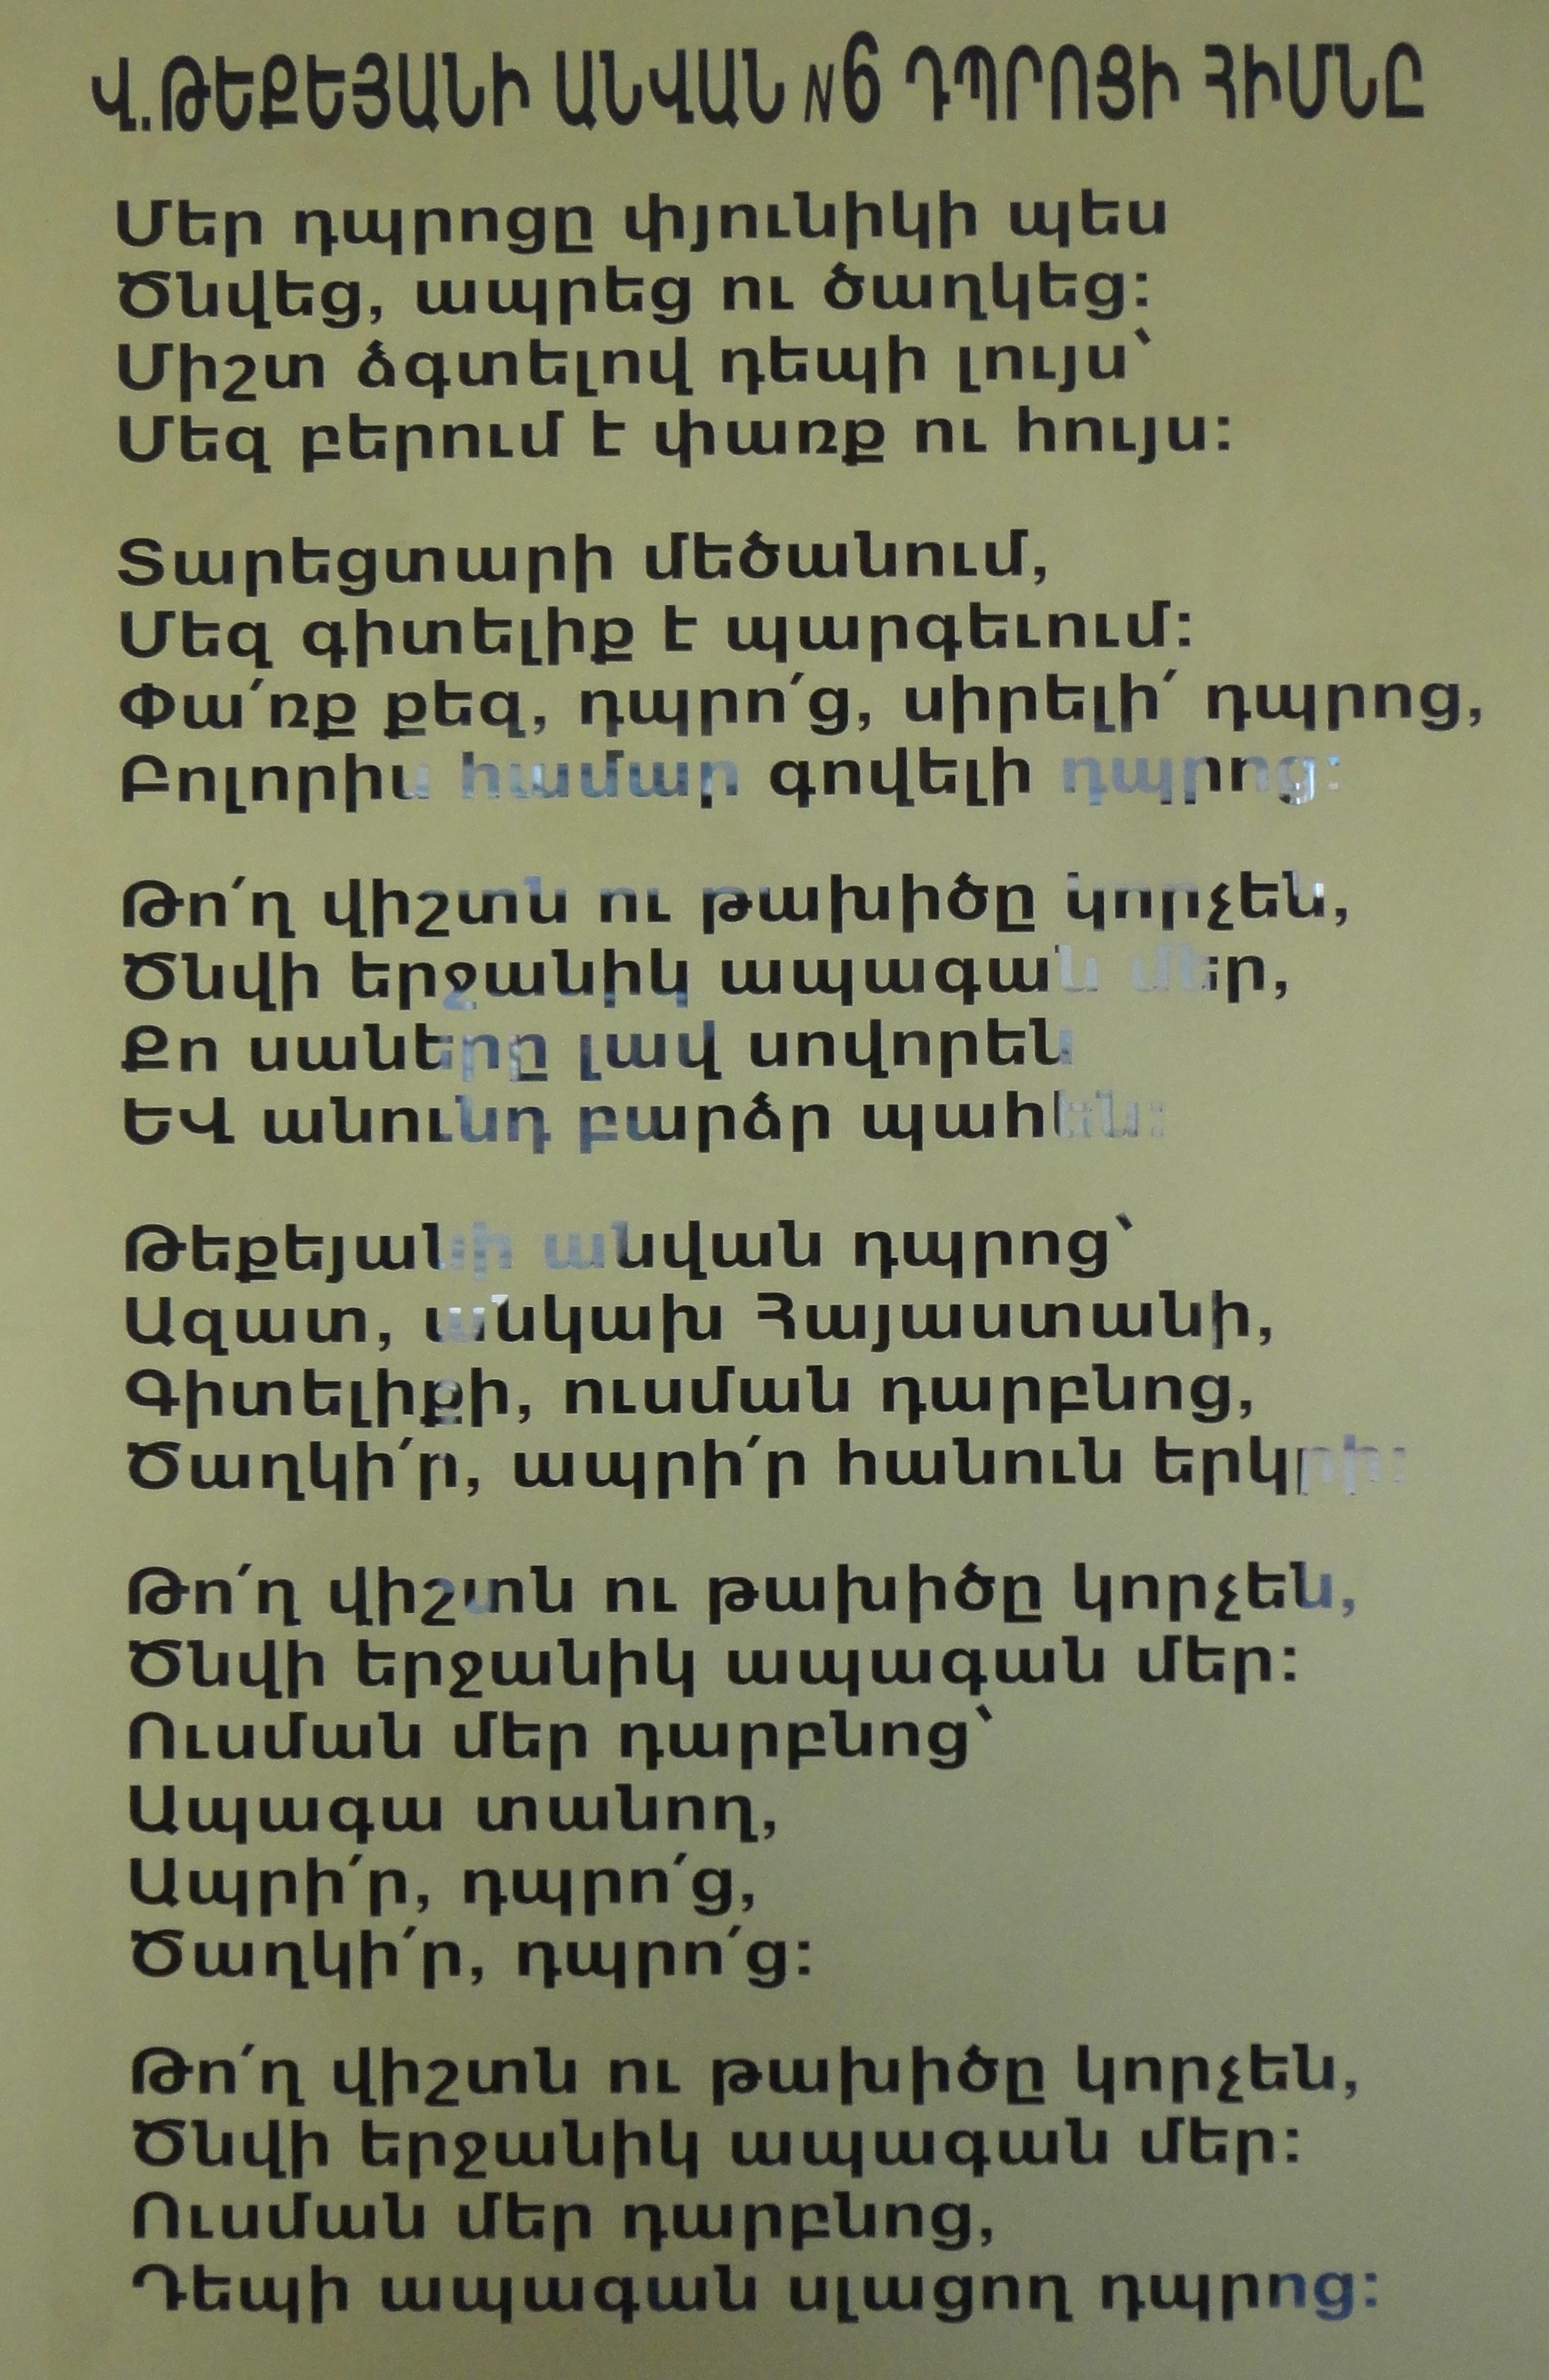 Lyrics to the Vahan Tekeyan School of Stepanavan's song